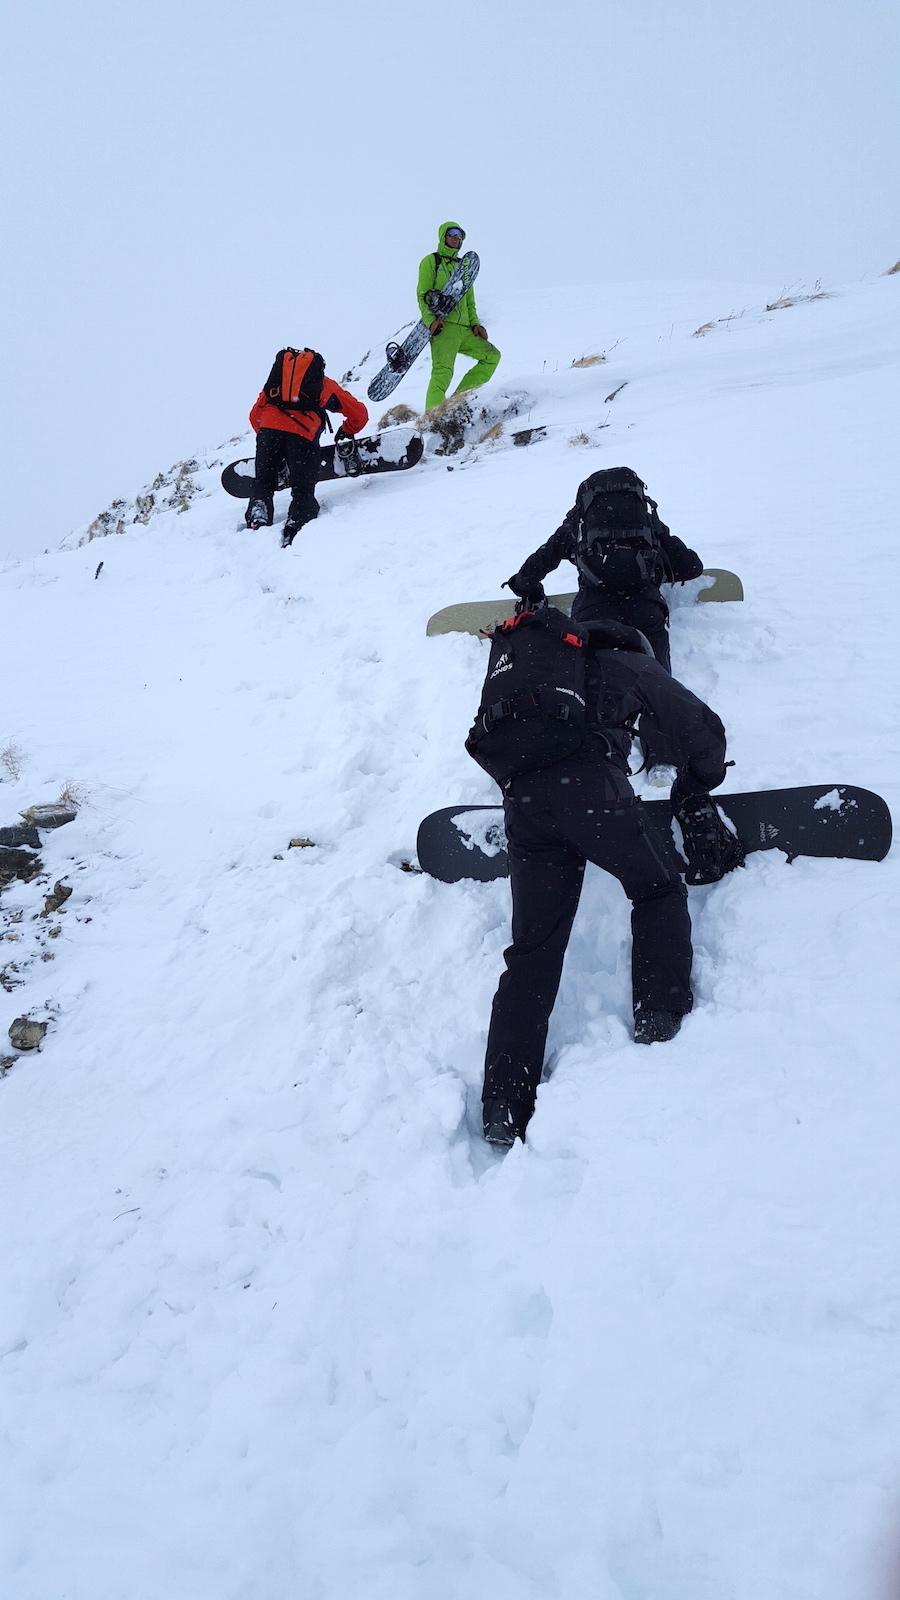 climb-offpiste-backcountry-luke-rees